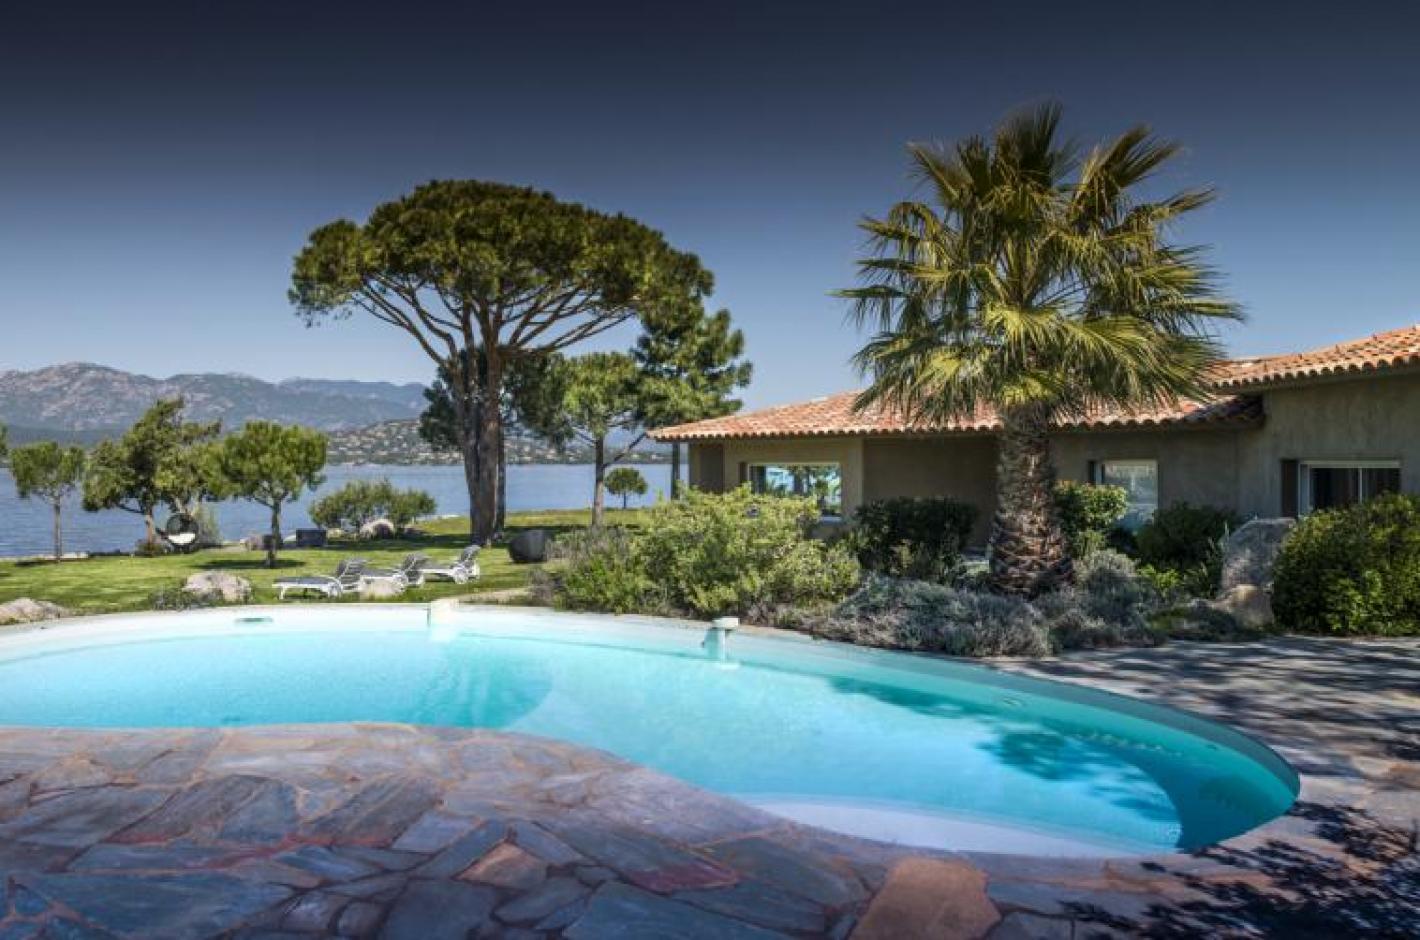 Villa pieds dans l 39 eau proche avec piscine priv e porto for Villa a louer en corse du sud avec piscine